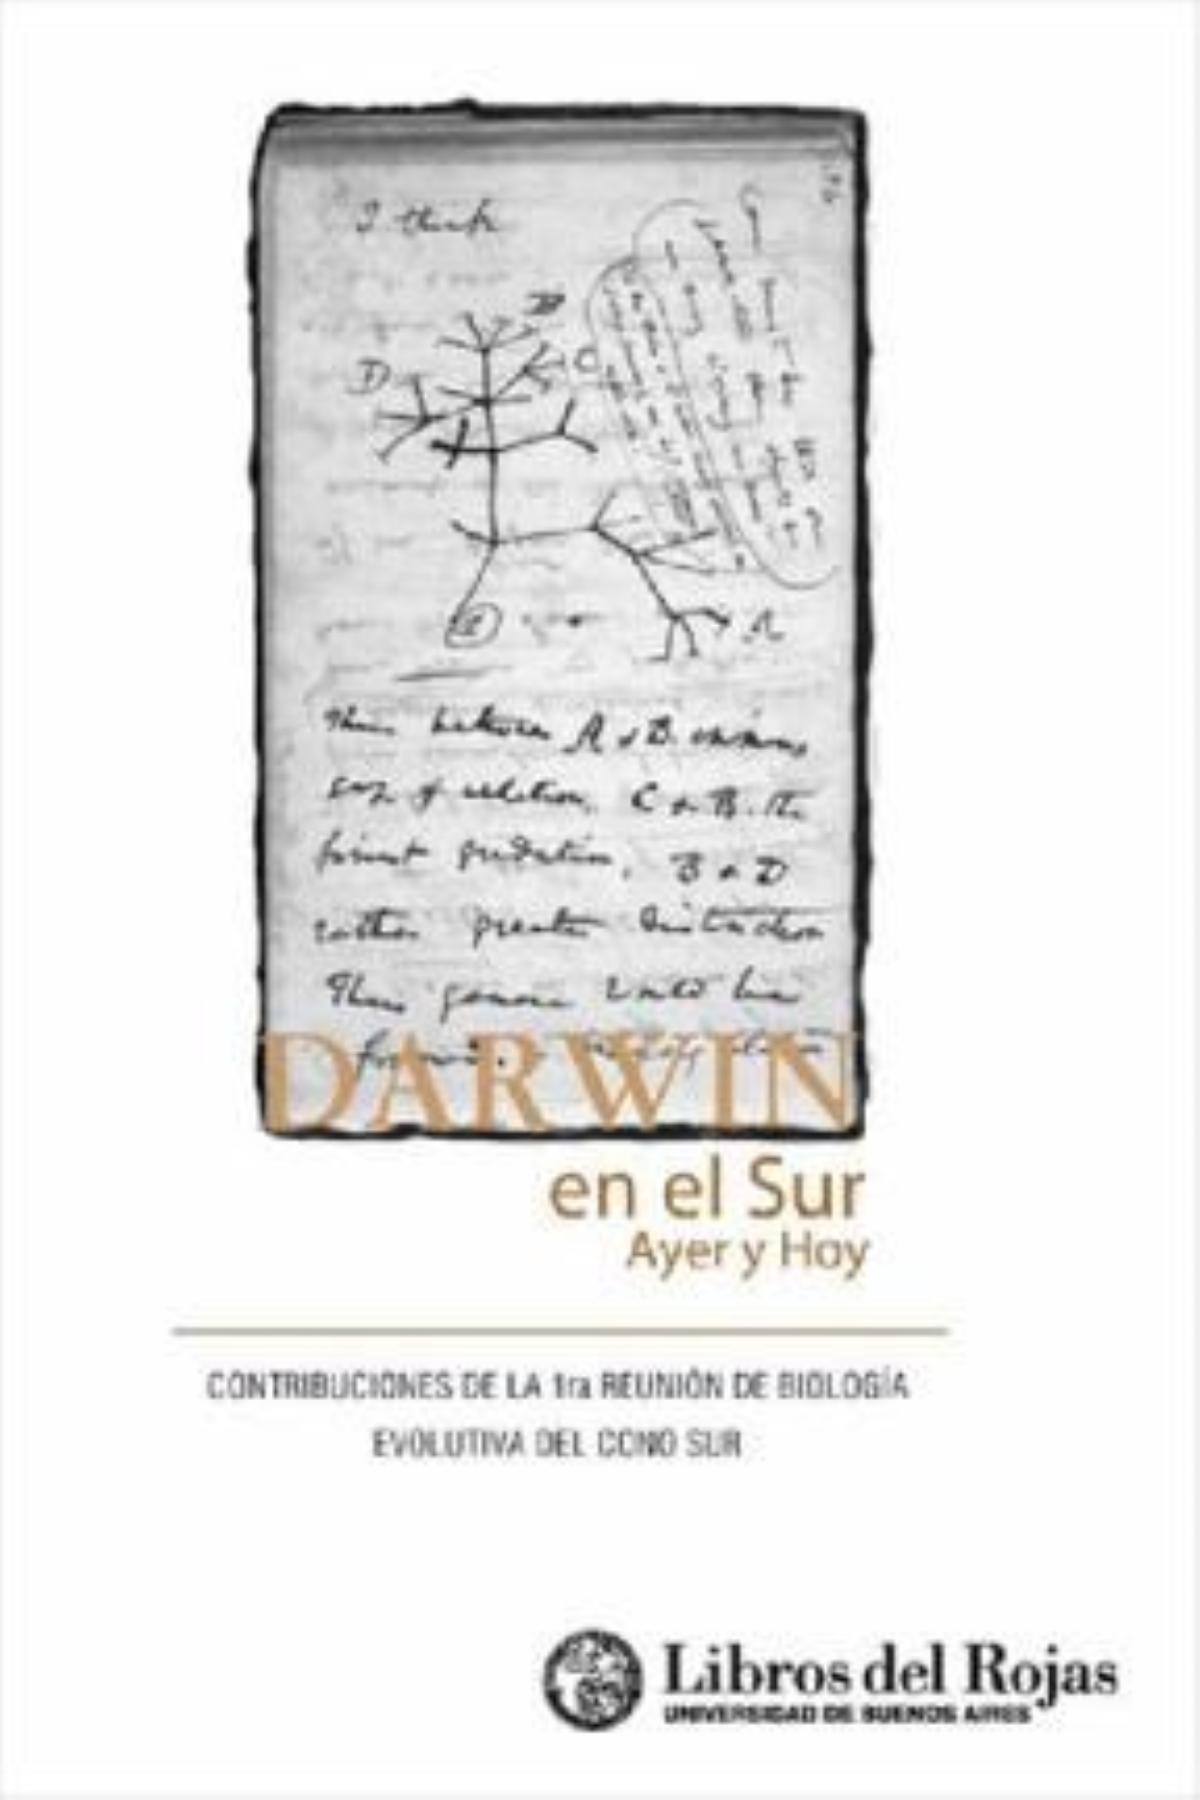 Darwin en el sur, ayer y hoy